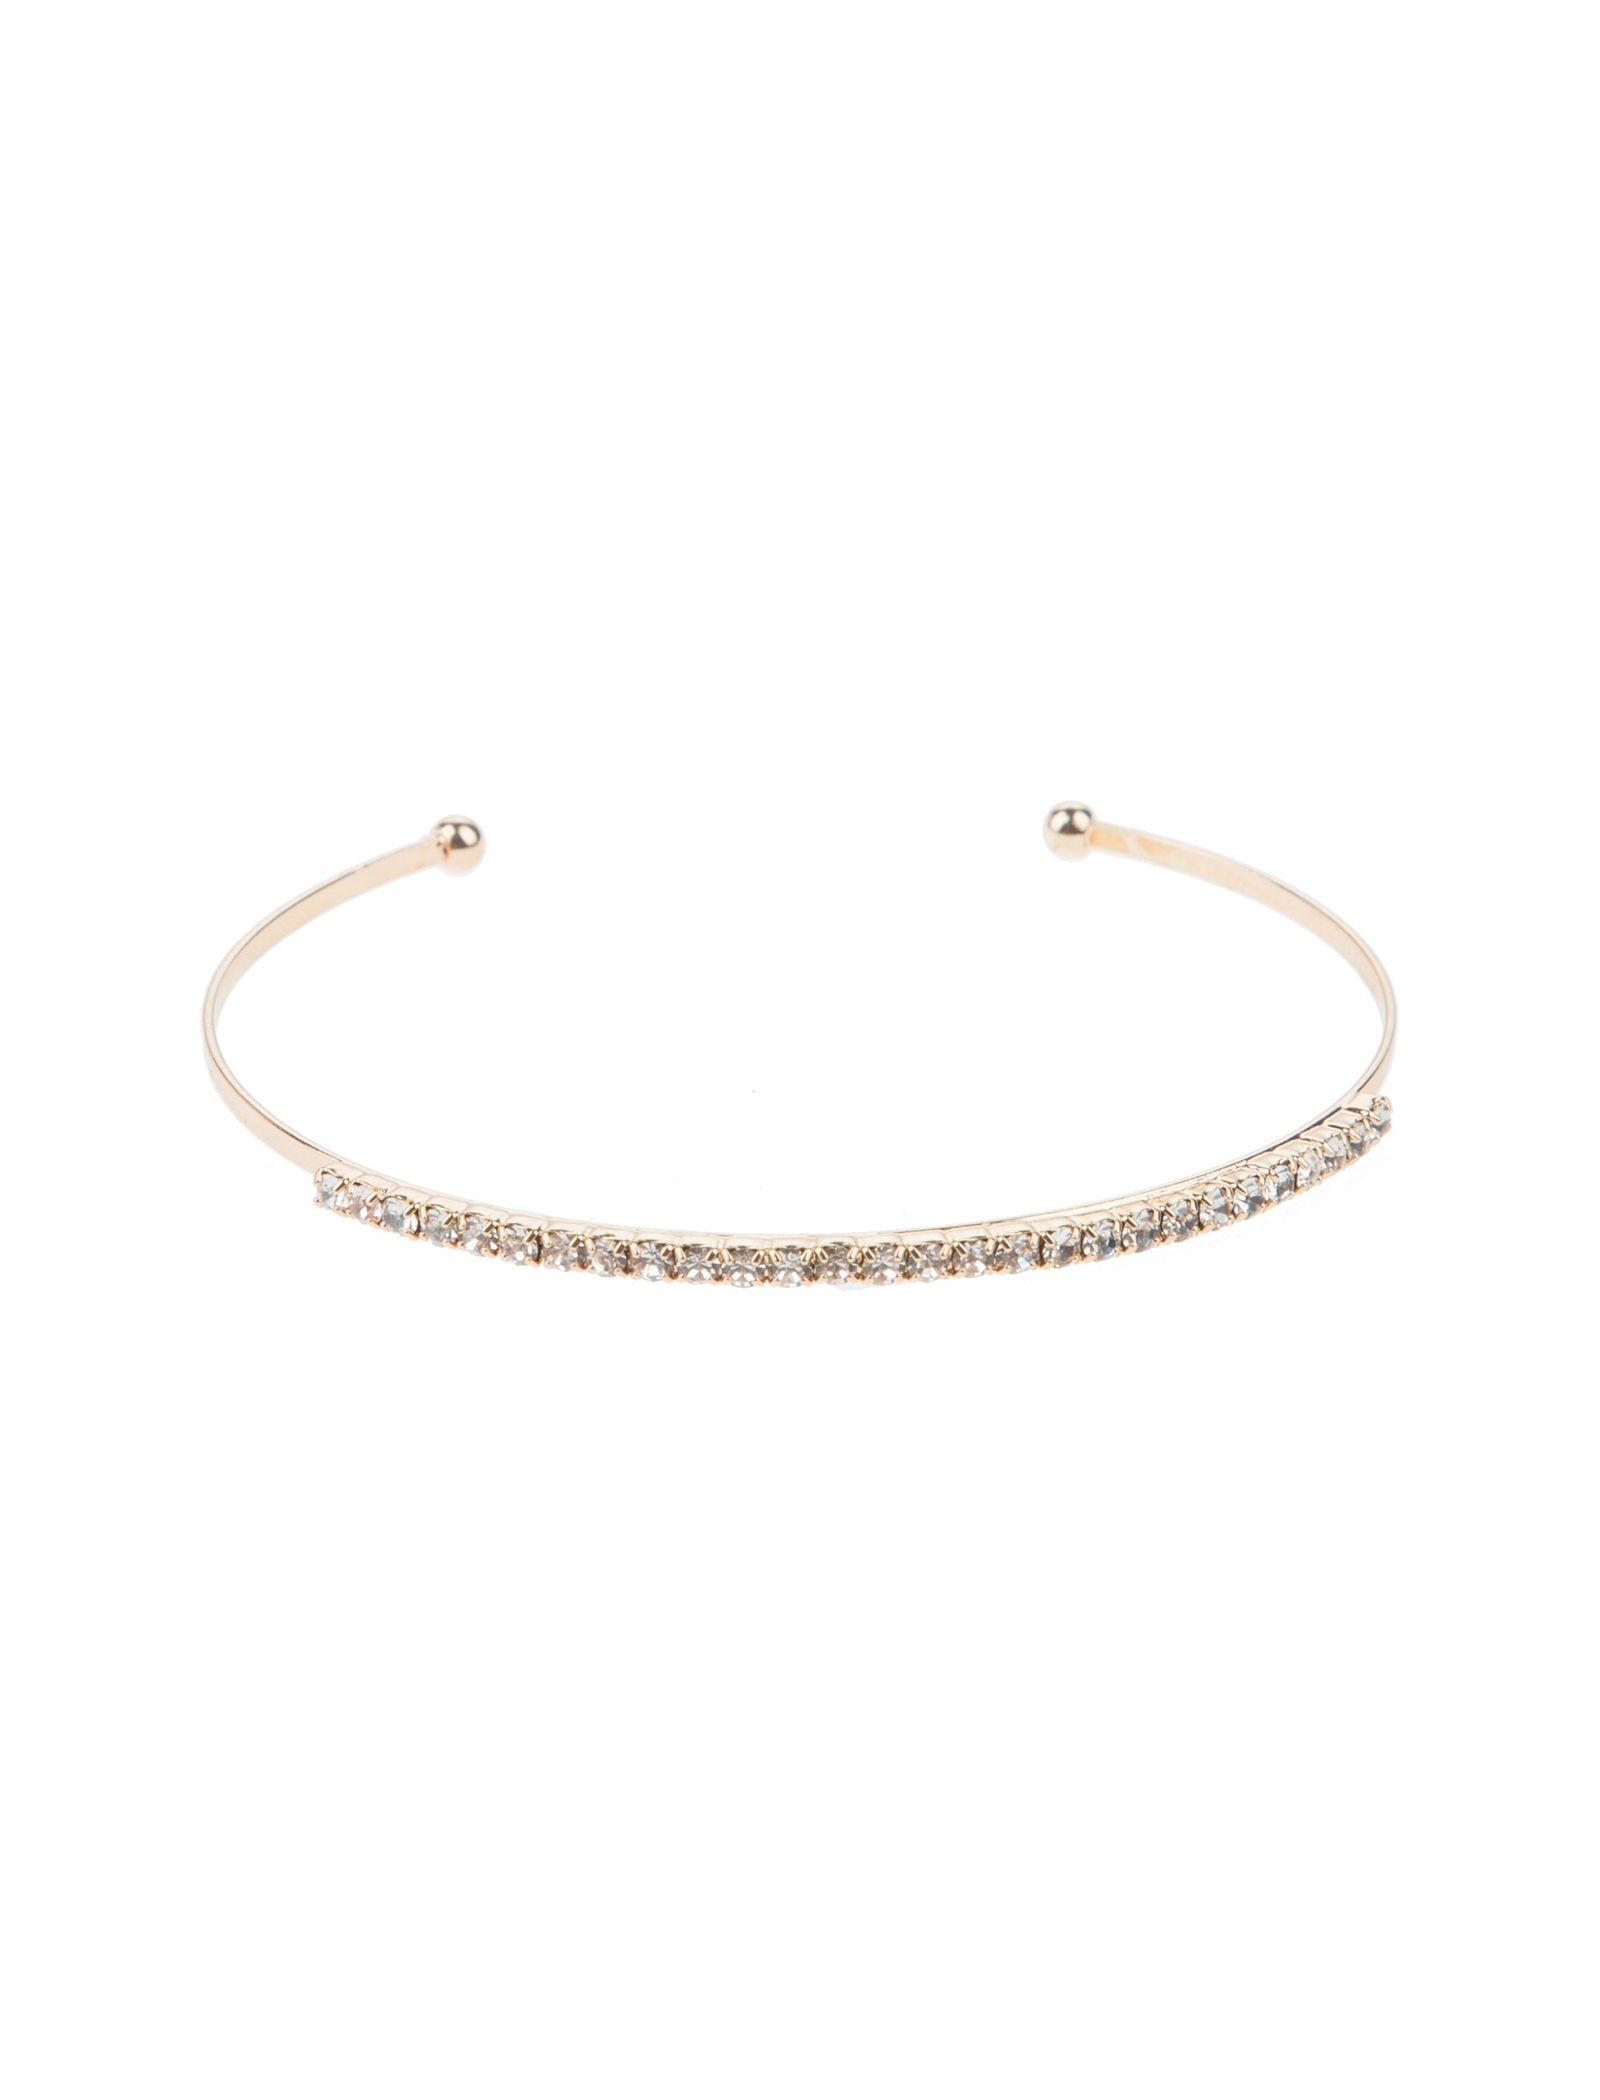 دستبند النگویی زنانه بسته 3 عددی - آلدو تک سایز - طلايي - 6